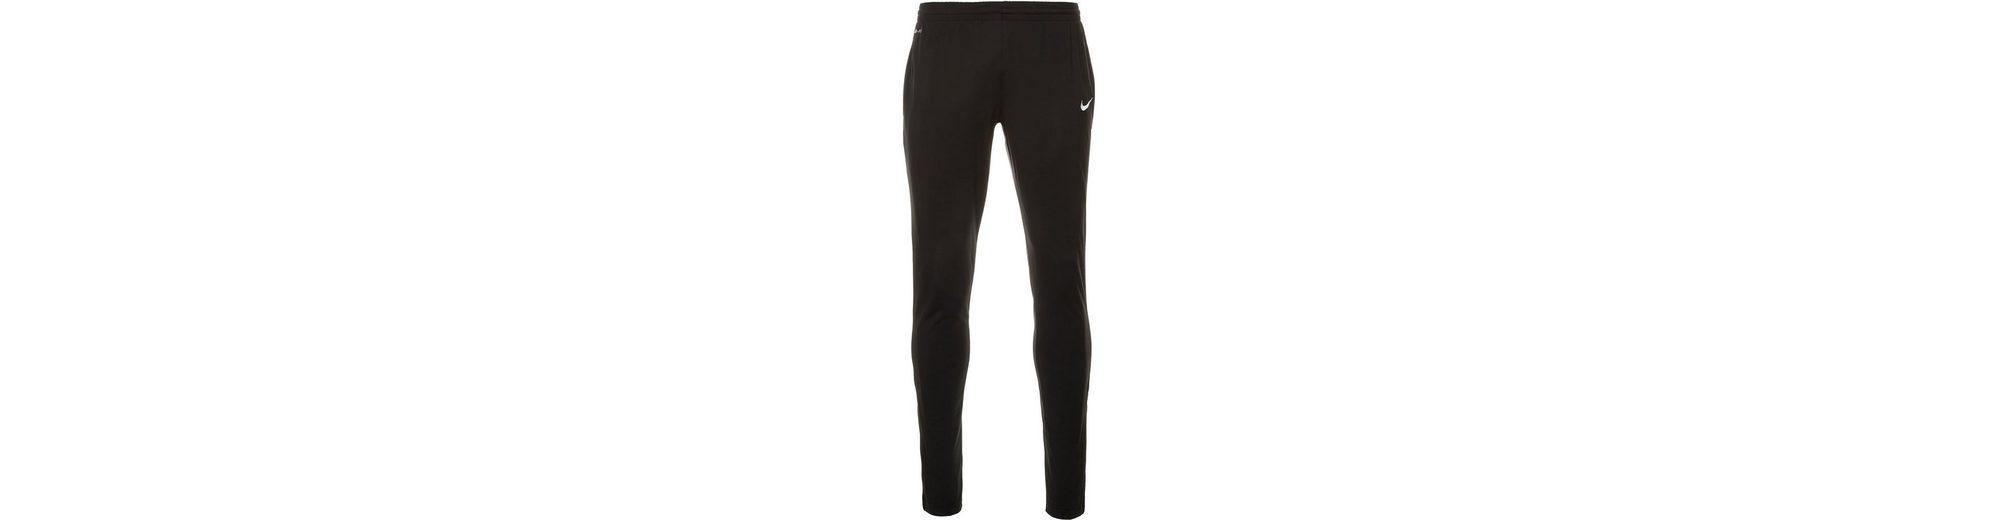 Nike Libero Technical Polyesterhose Herren Rabattgutscheine Online Mit Paypal Zu Verkaufen Freies Verschiffen Besuch Neu Billig Verkauf 100% Authentisch Auslass Offiziellen BFgPFc